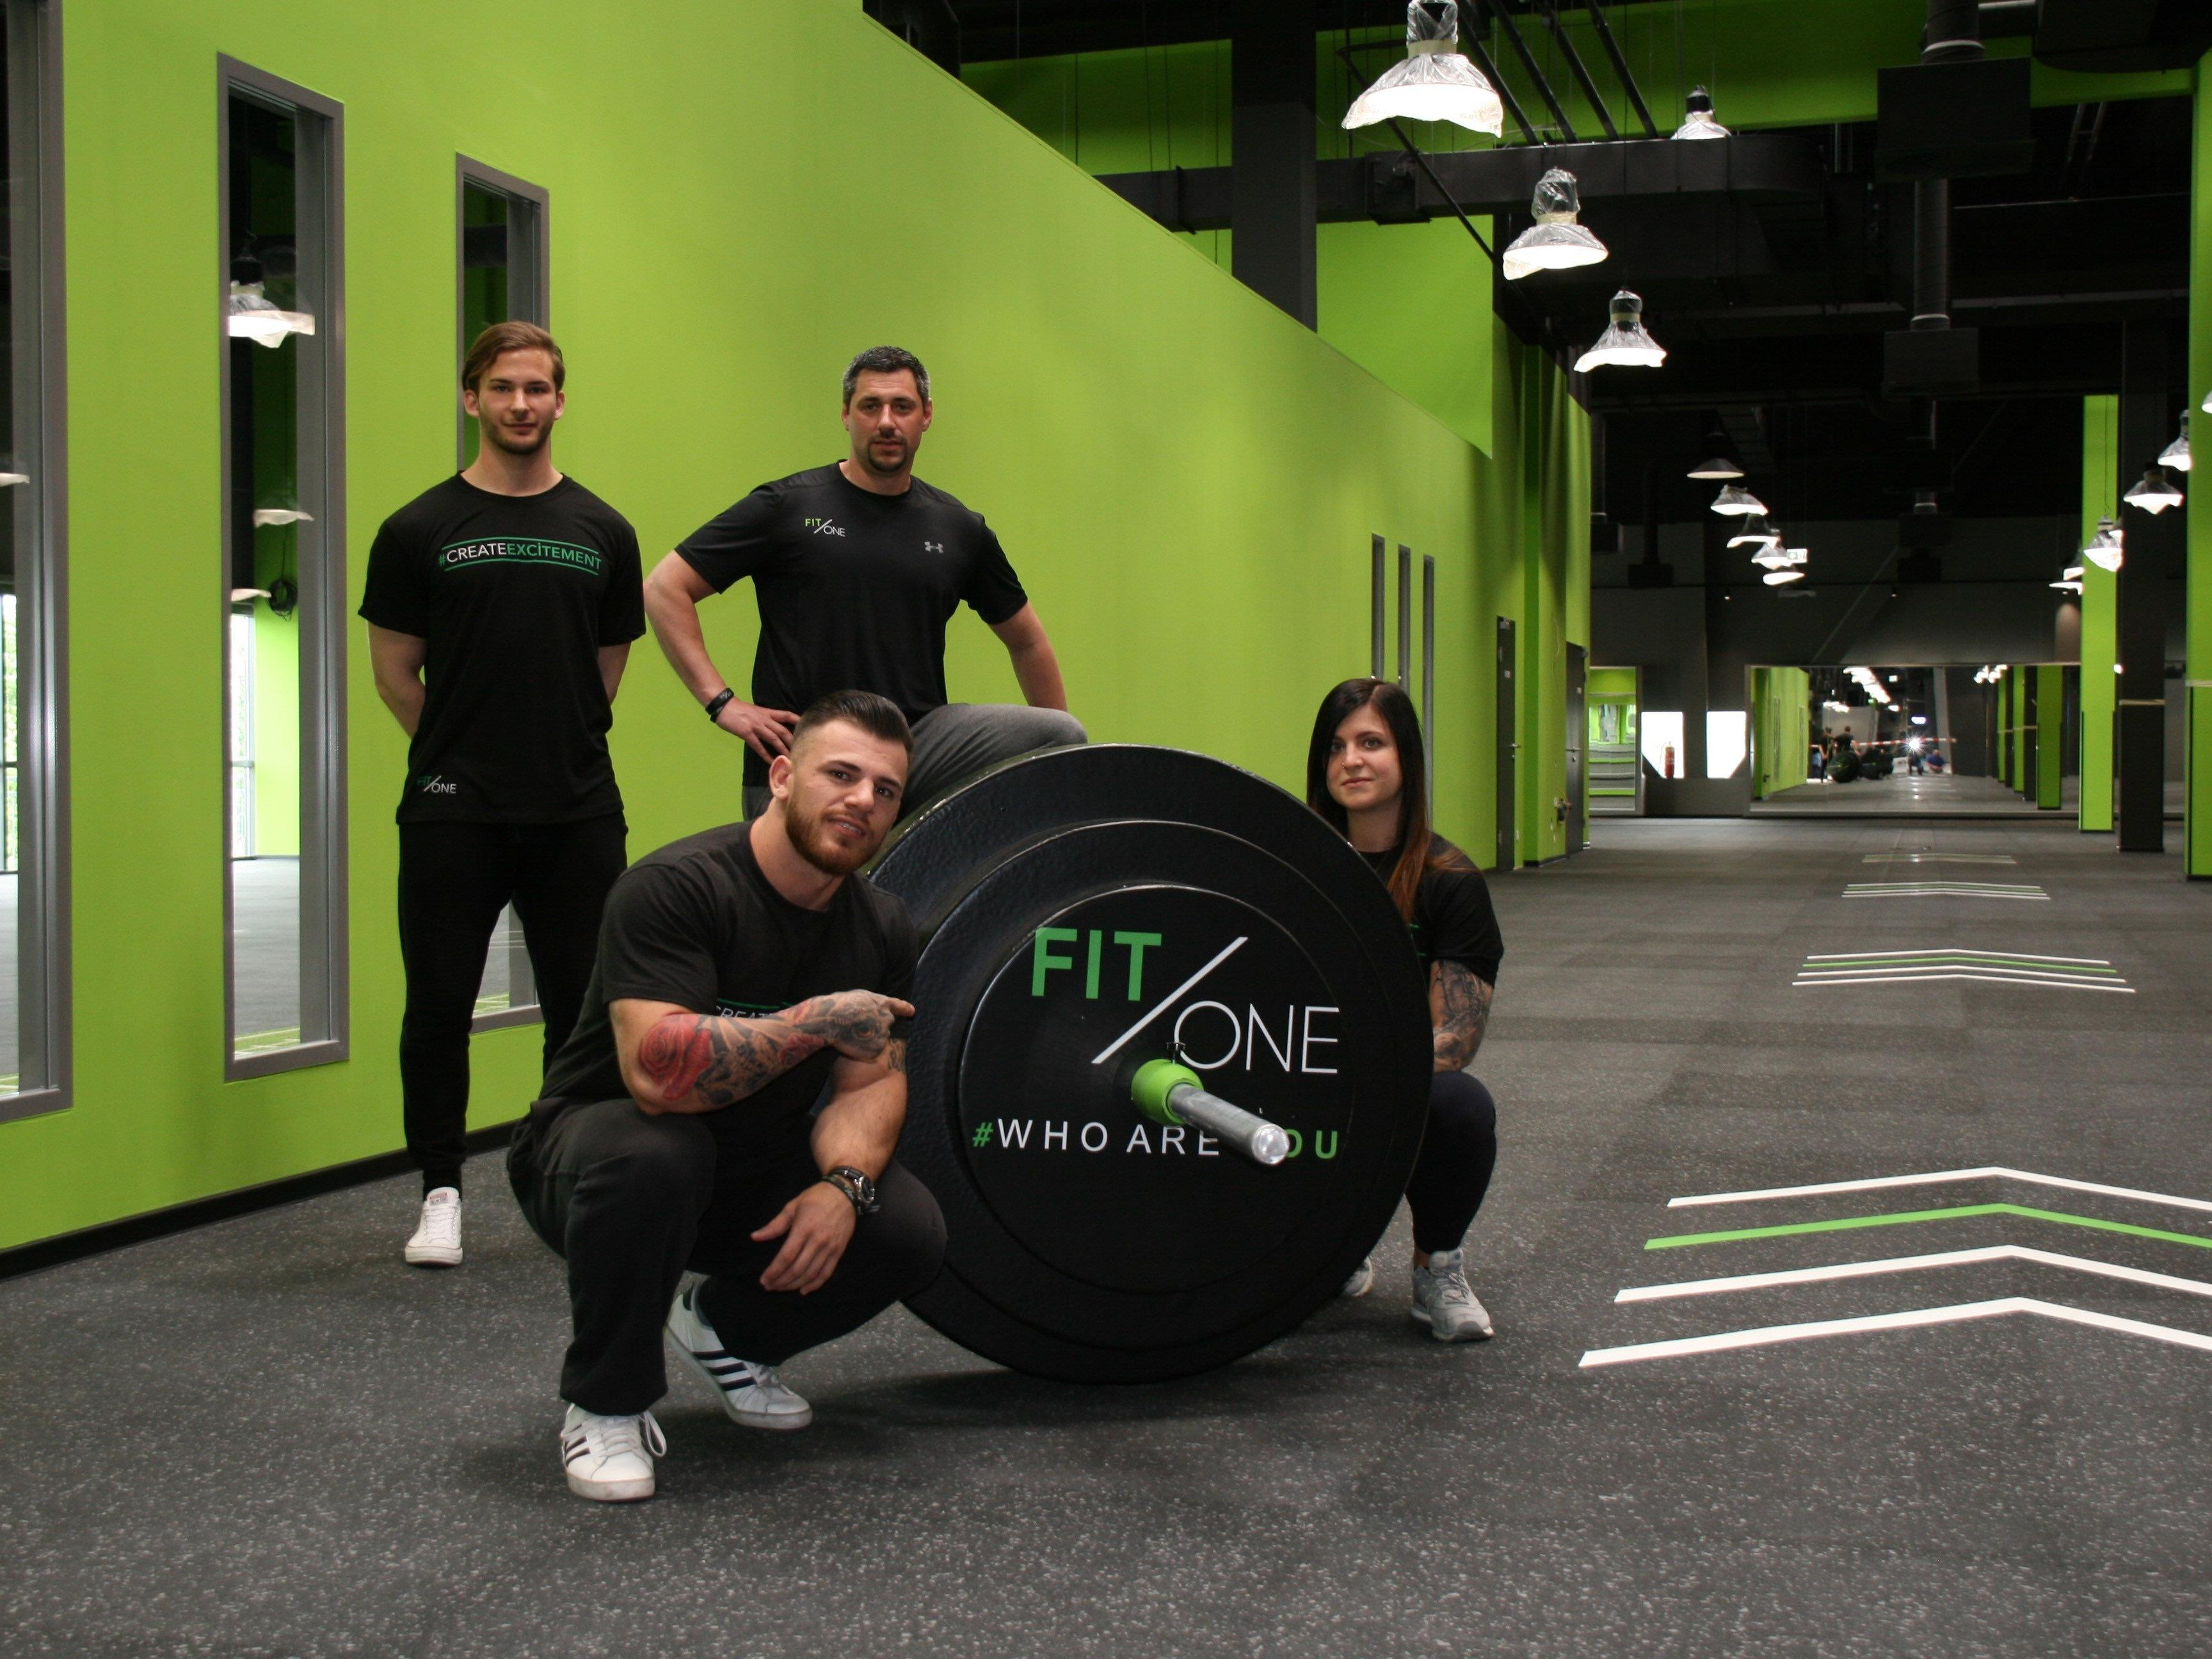 Die deutsche Fitness-Kette Fit/One eröffnet Ende Mai in Wien ihr erstes Studio in Österreich.